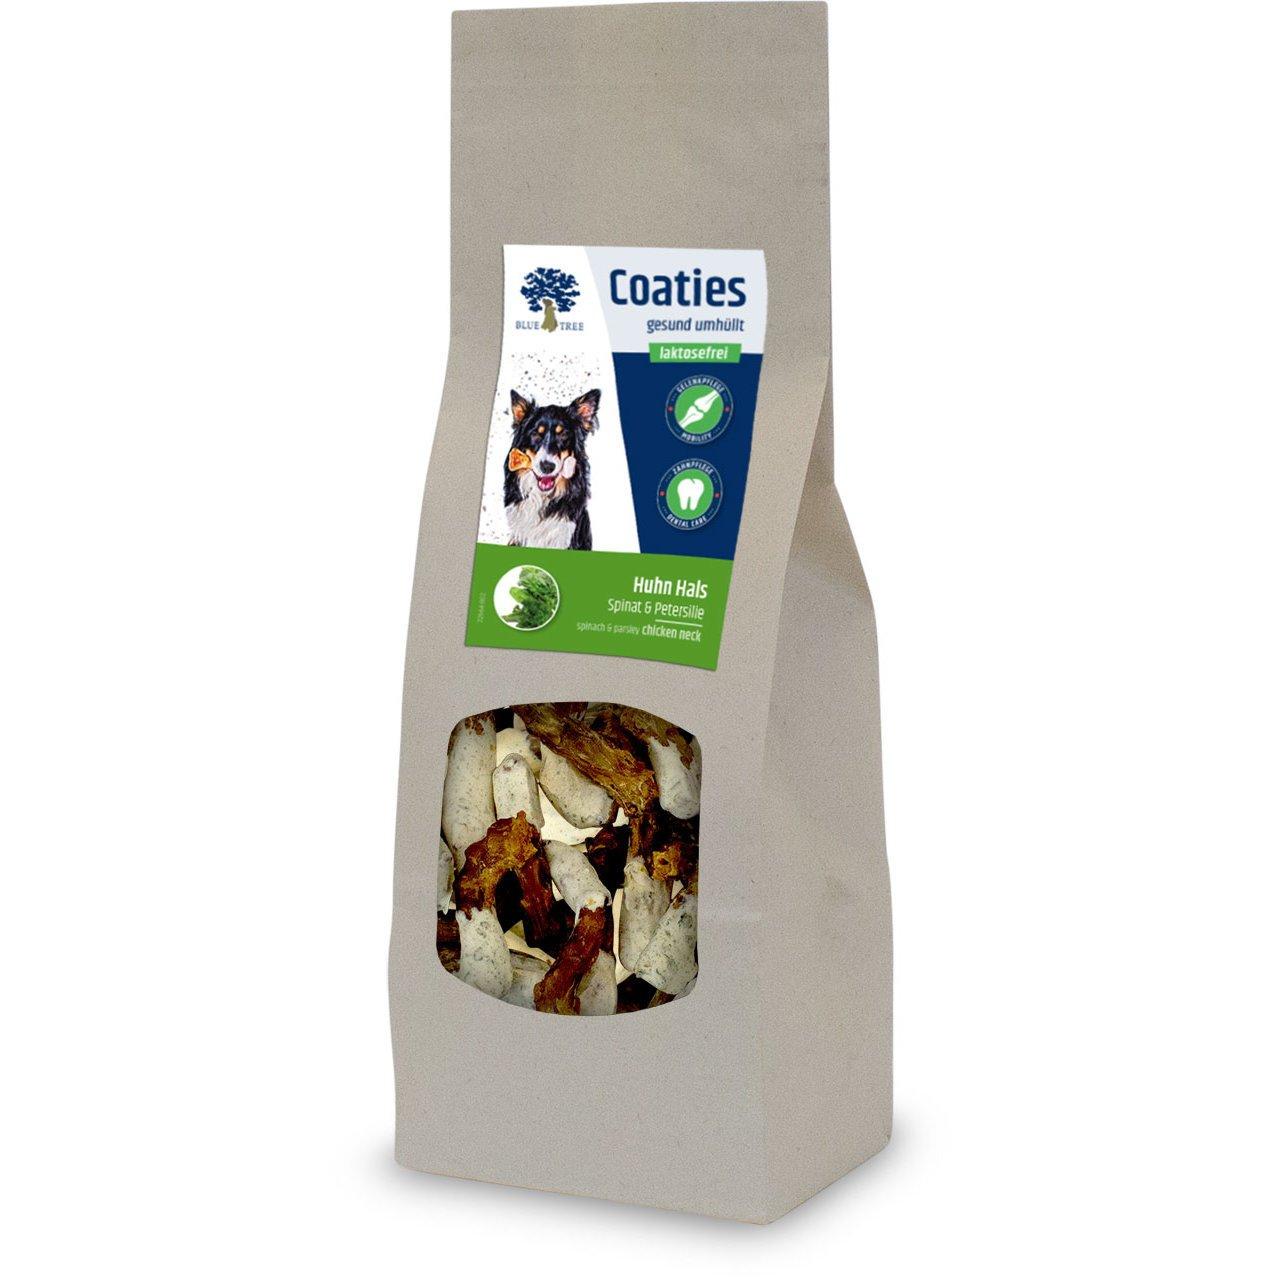 Blue Tree Coaties Hundekausnack mit laktosefreier Milch, Huhn Hals 100g